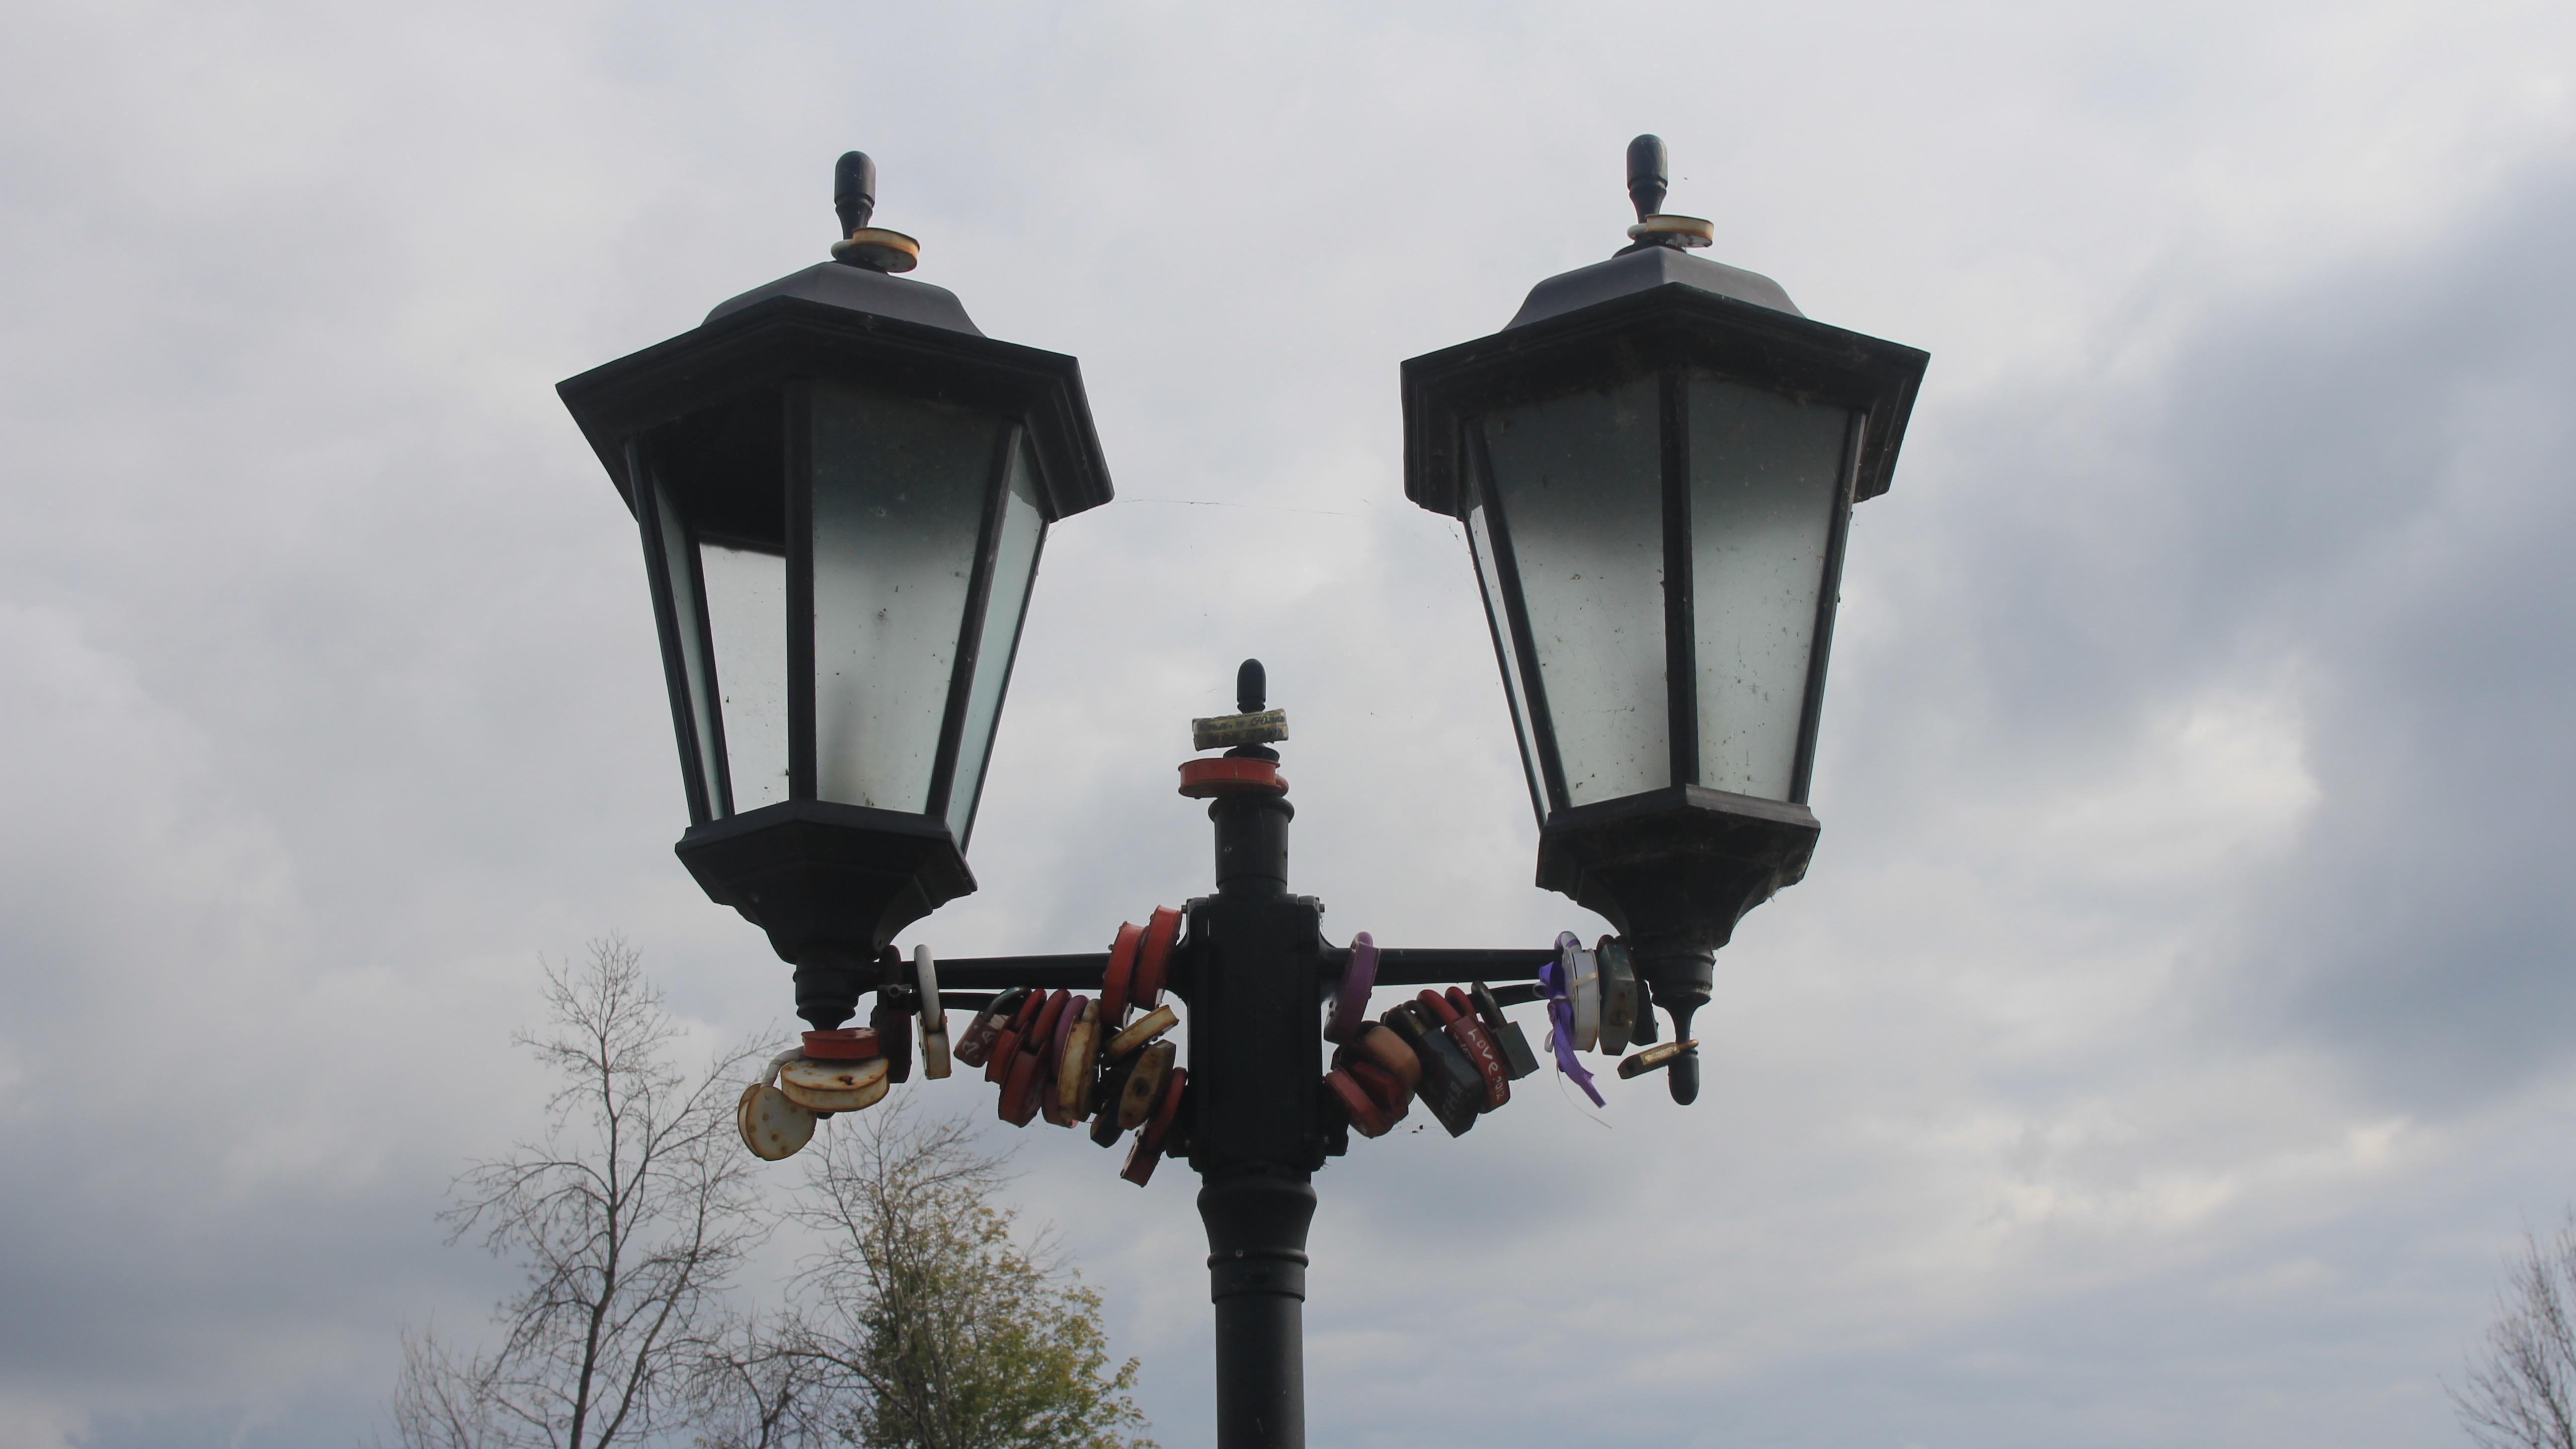 Жителям Подмосковья рассказали о планах реализации проекта «Светлый город» в 2021 году